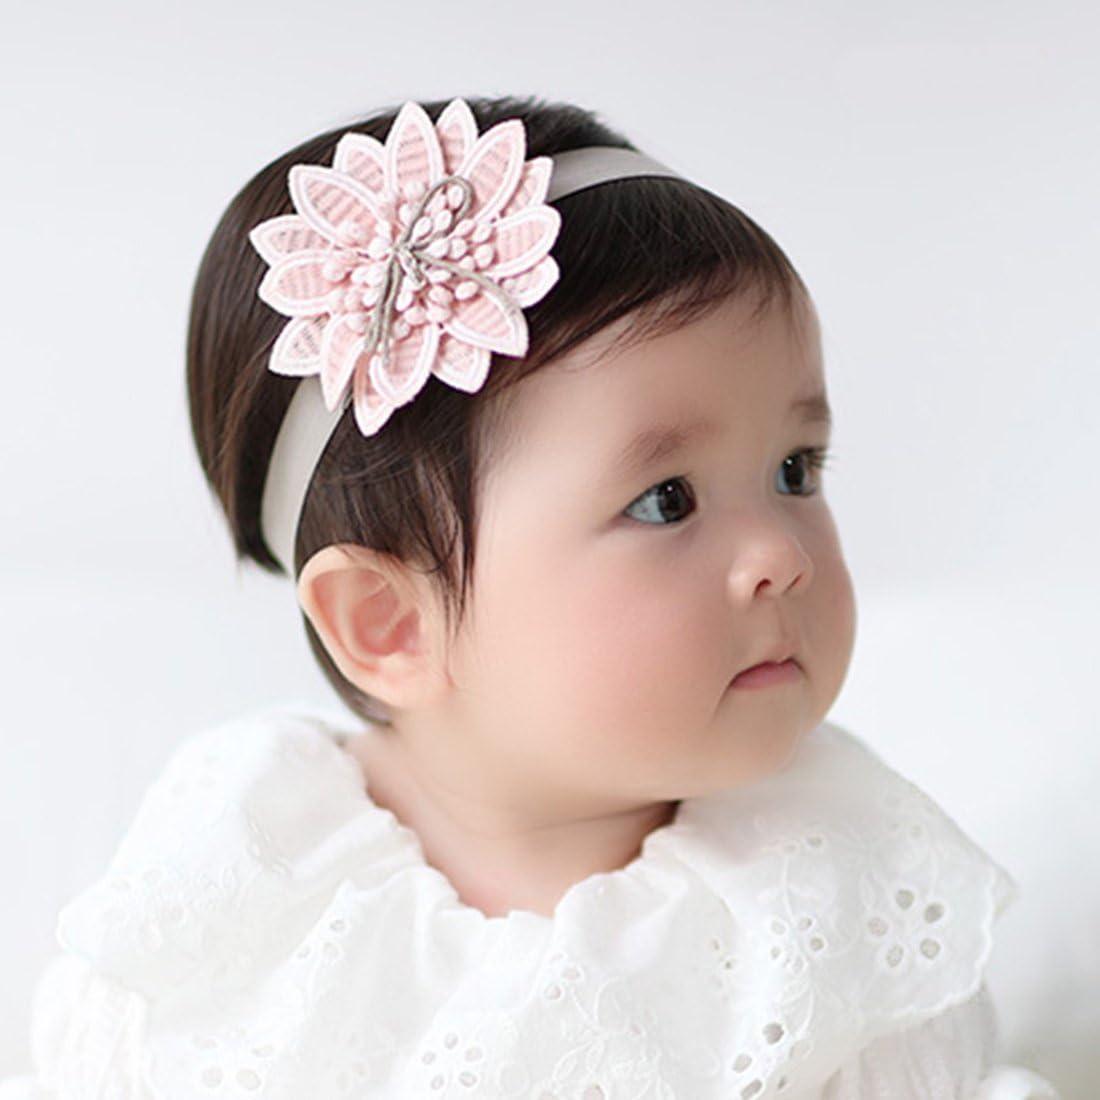 JMITHA 3 St/ück Baby Stirnb/änder Baby M/ädchen Kids Turban Haarband Stirnband Kopfband Baby schmuck Babyschmuck Babygeschenke /& Taufe